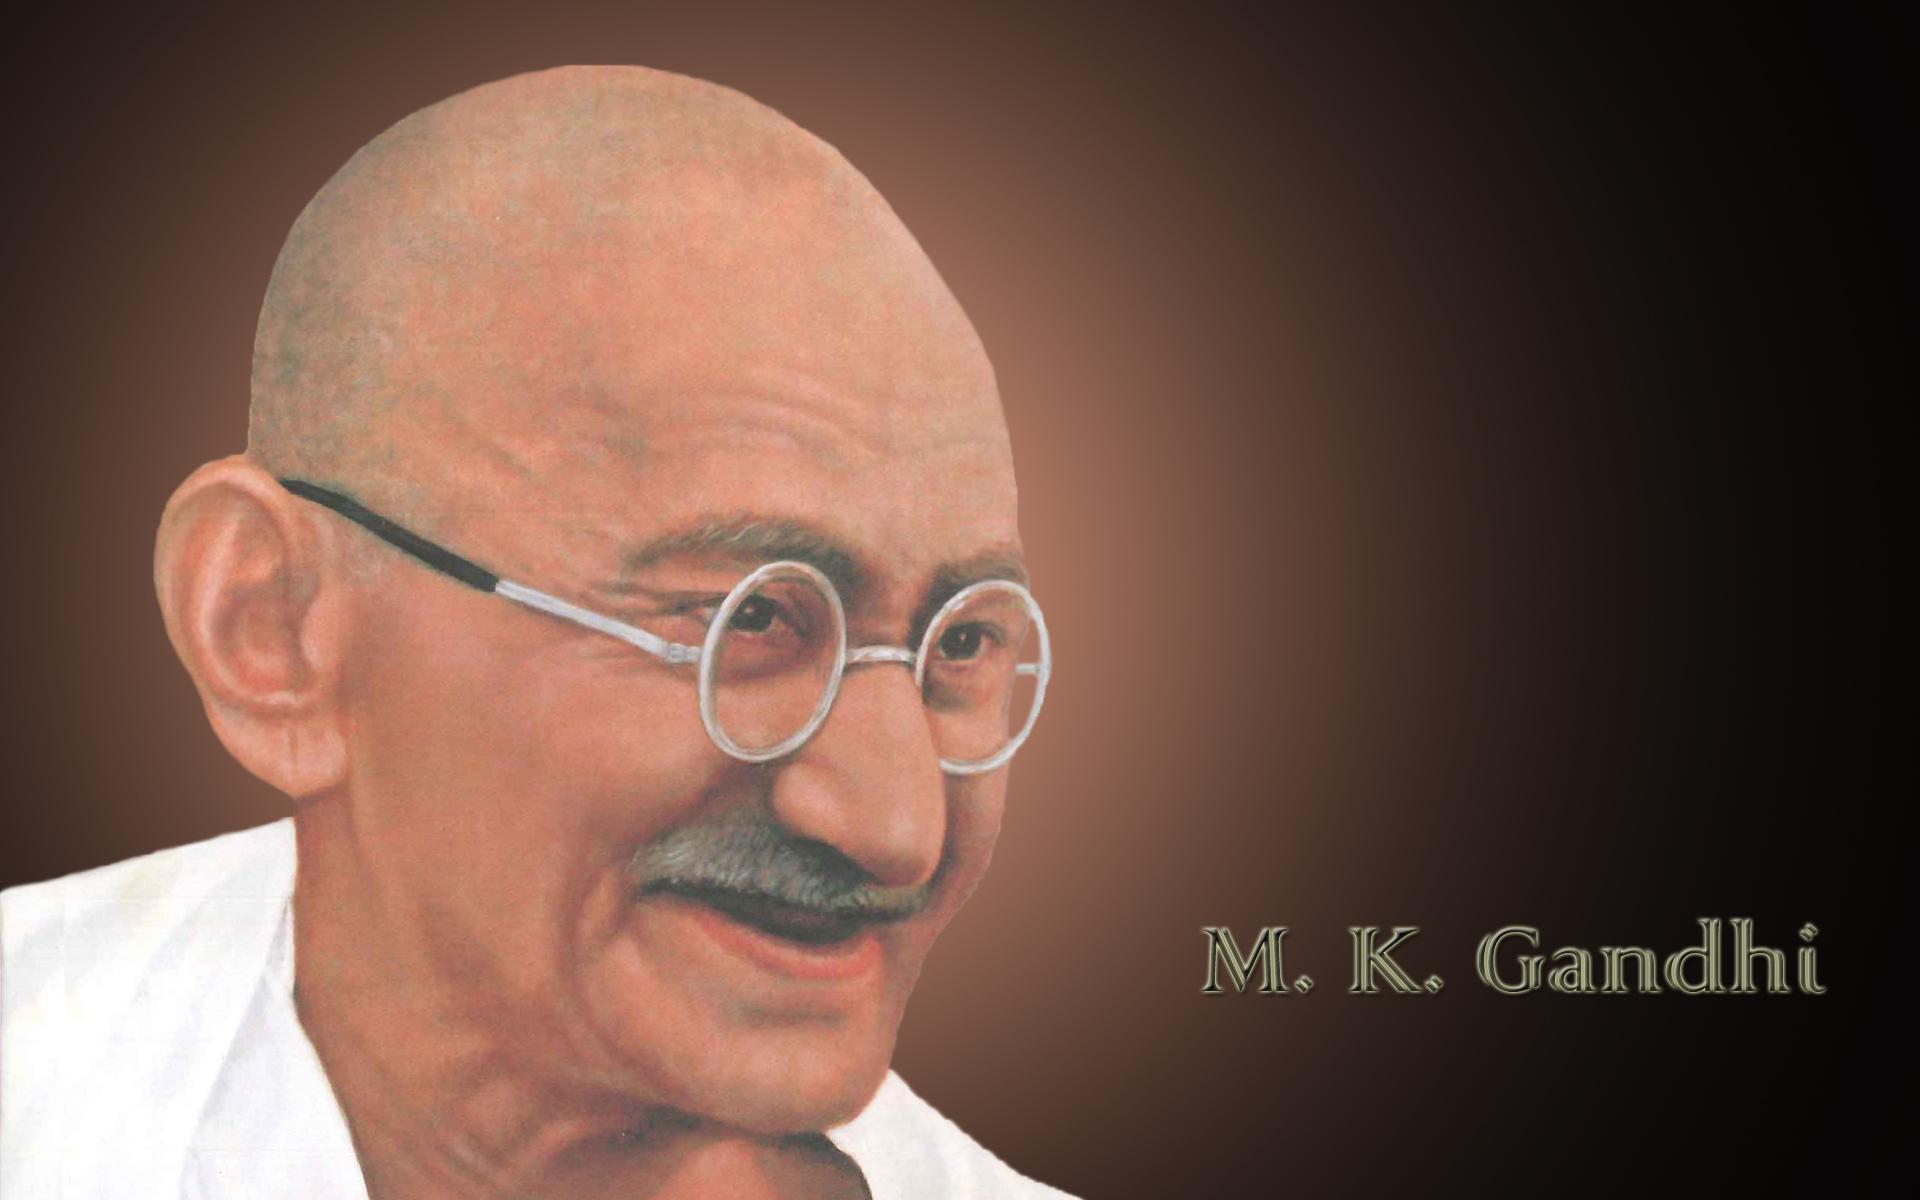 mahtma ghandi Mohandas karamchand gandhi (/ ˈ ɡ ɑː n d i, ˈ ɡ æ n-/ hindustani: [ˈmoːɦənd̪aːs ˈkərəmtʃənd̪ ˈɡaːnd̪ʱi] ( listen) 2 october 1869 – 30 january 1948) was an indian activist who was the leader of the indian independence movement against british rule.